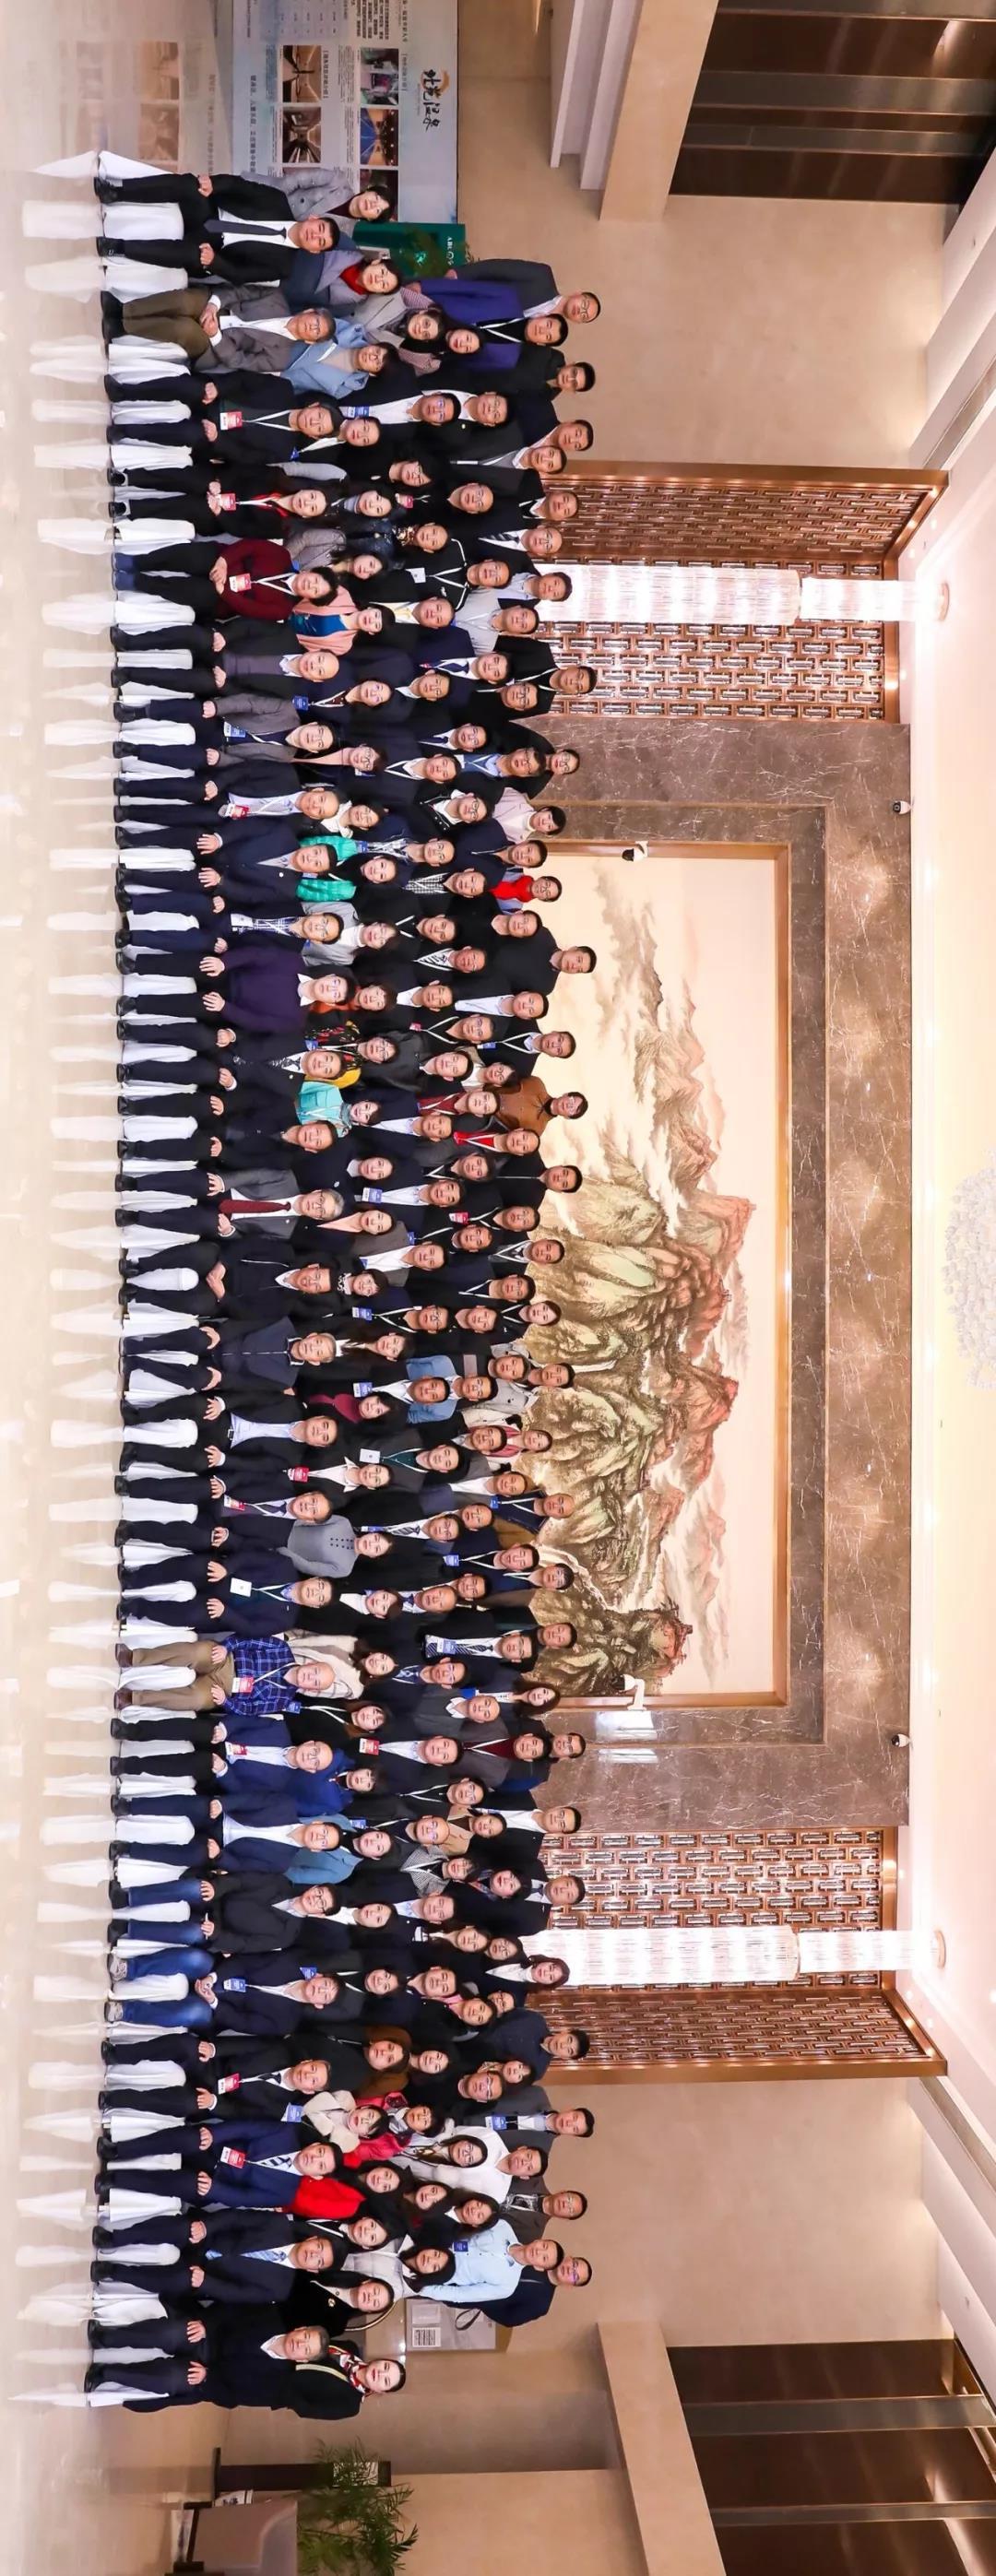 物协产学研-中国物协产学研专业委员会成立大会合影